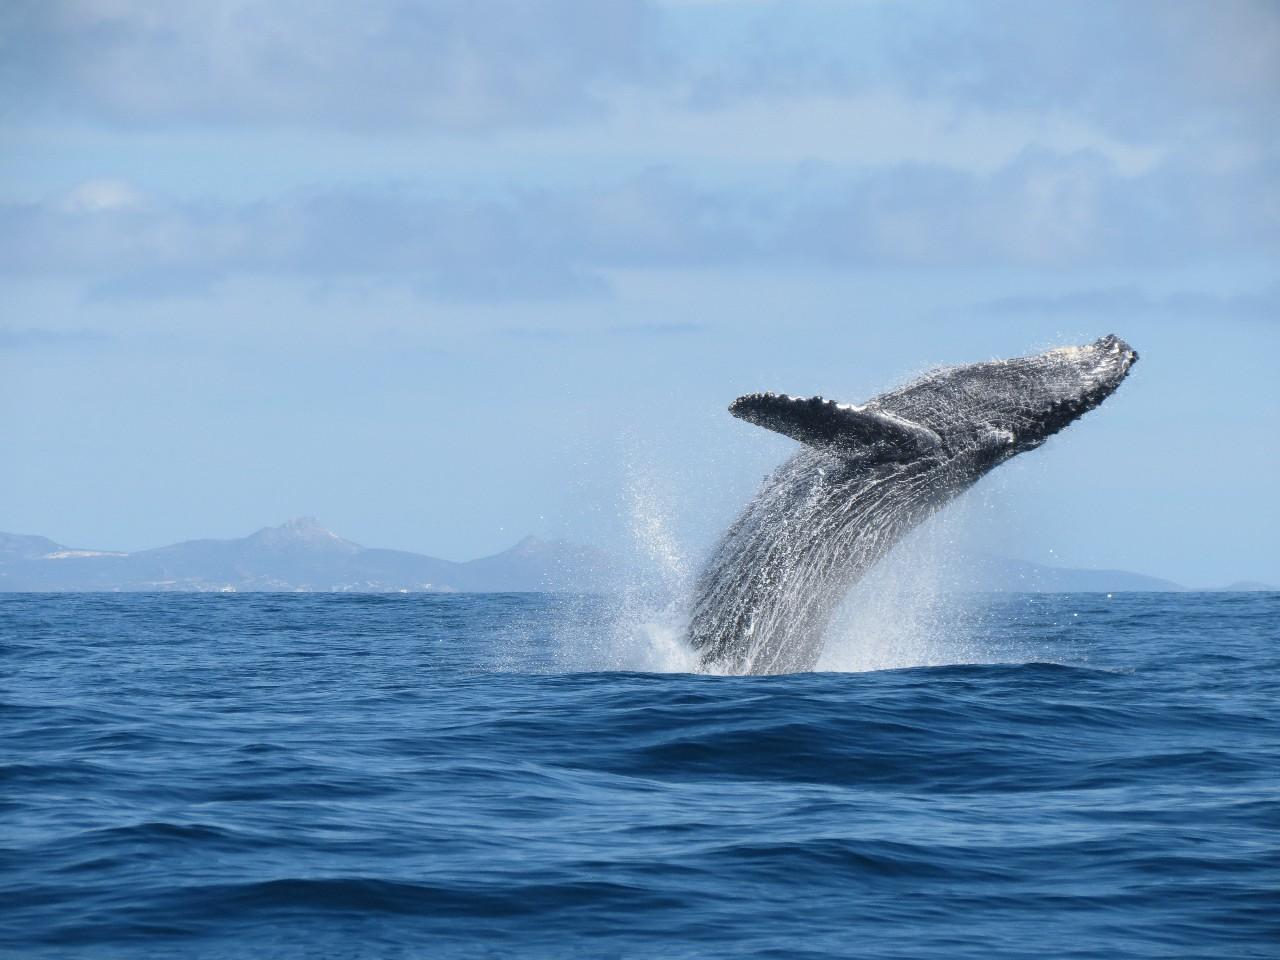 La ballena gris un espect culo para recordar for Noticias del espectaculo mexicano recientes